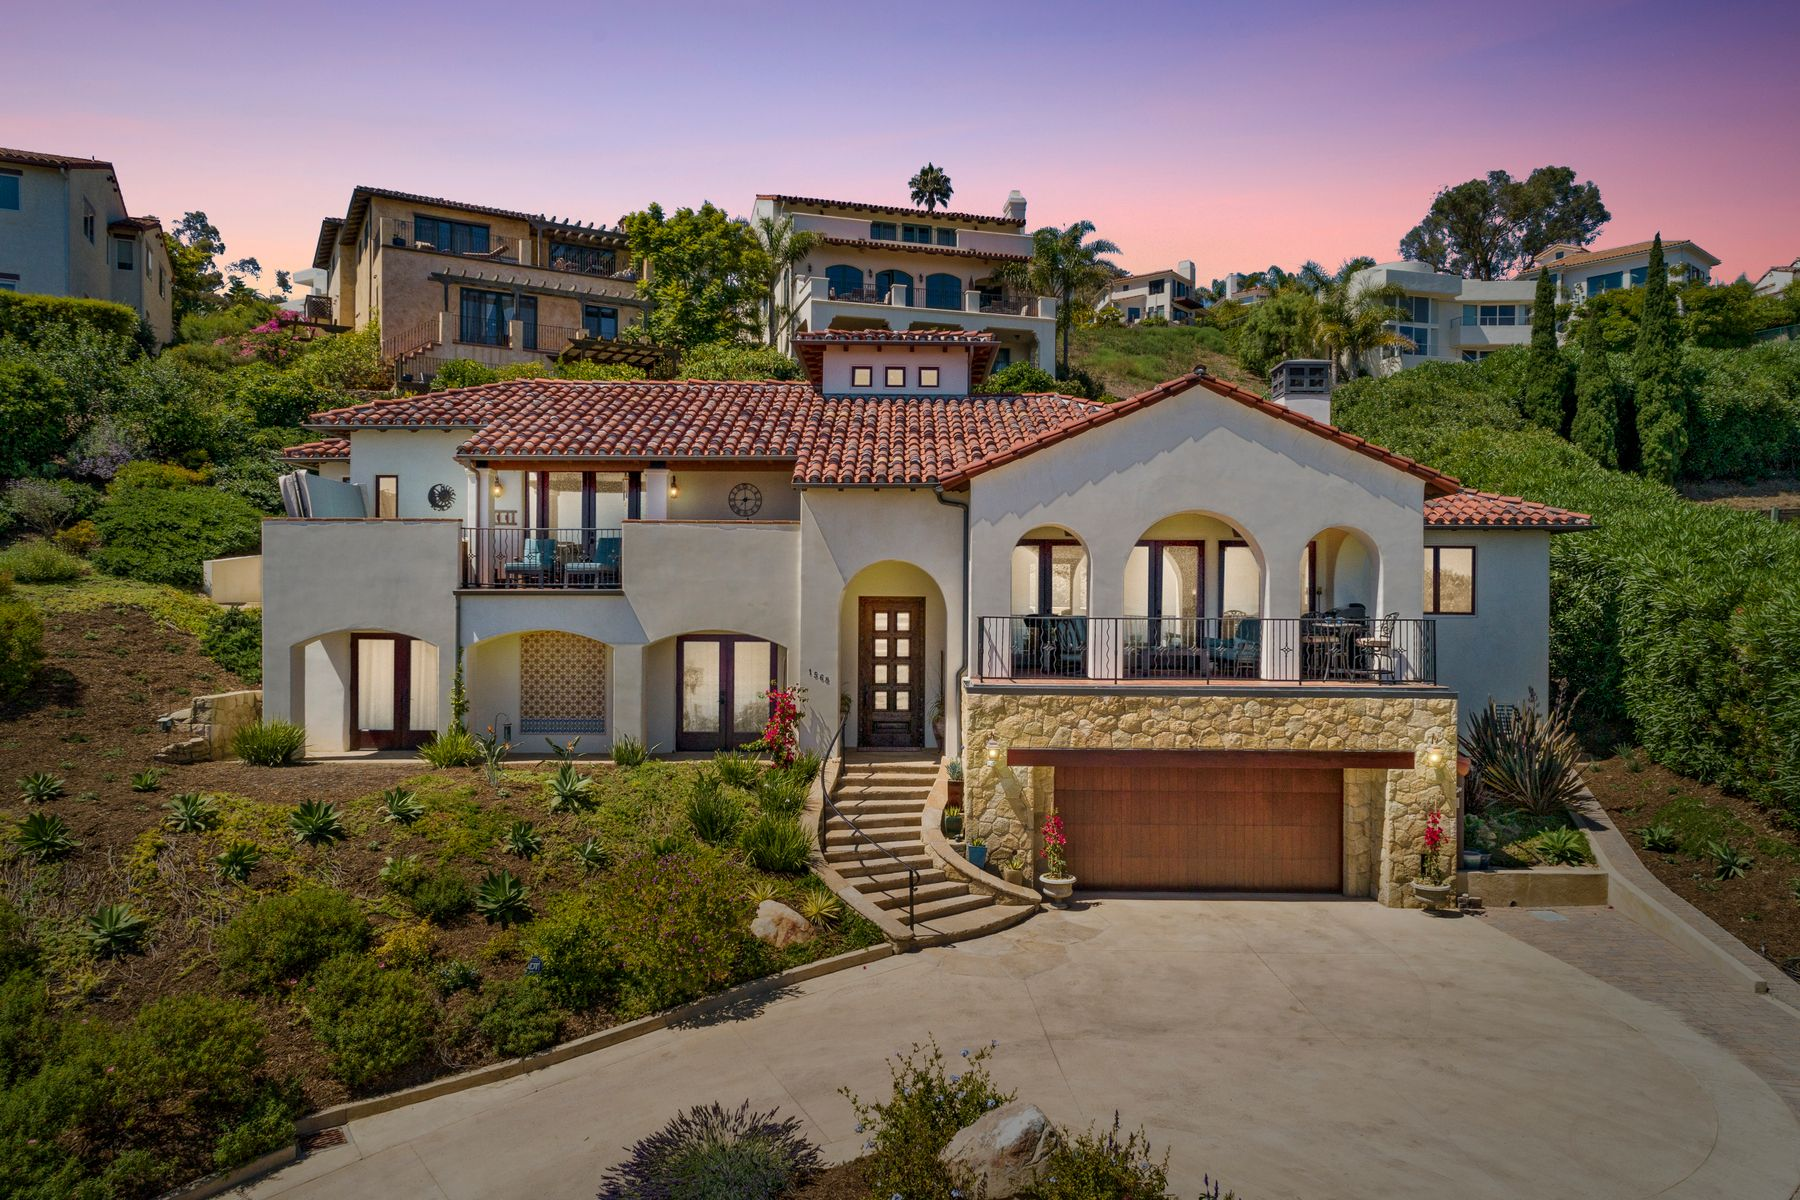 Single Family Homes for Sale at Mesa Dream Home 1568 La Vista Del Oceano Santa Barbara, California 93109 United States